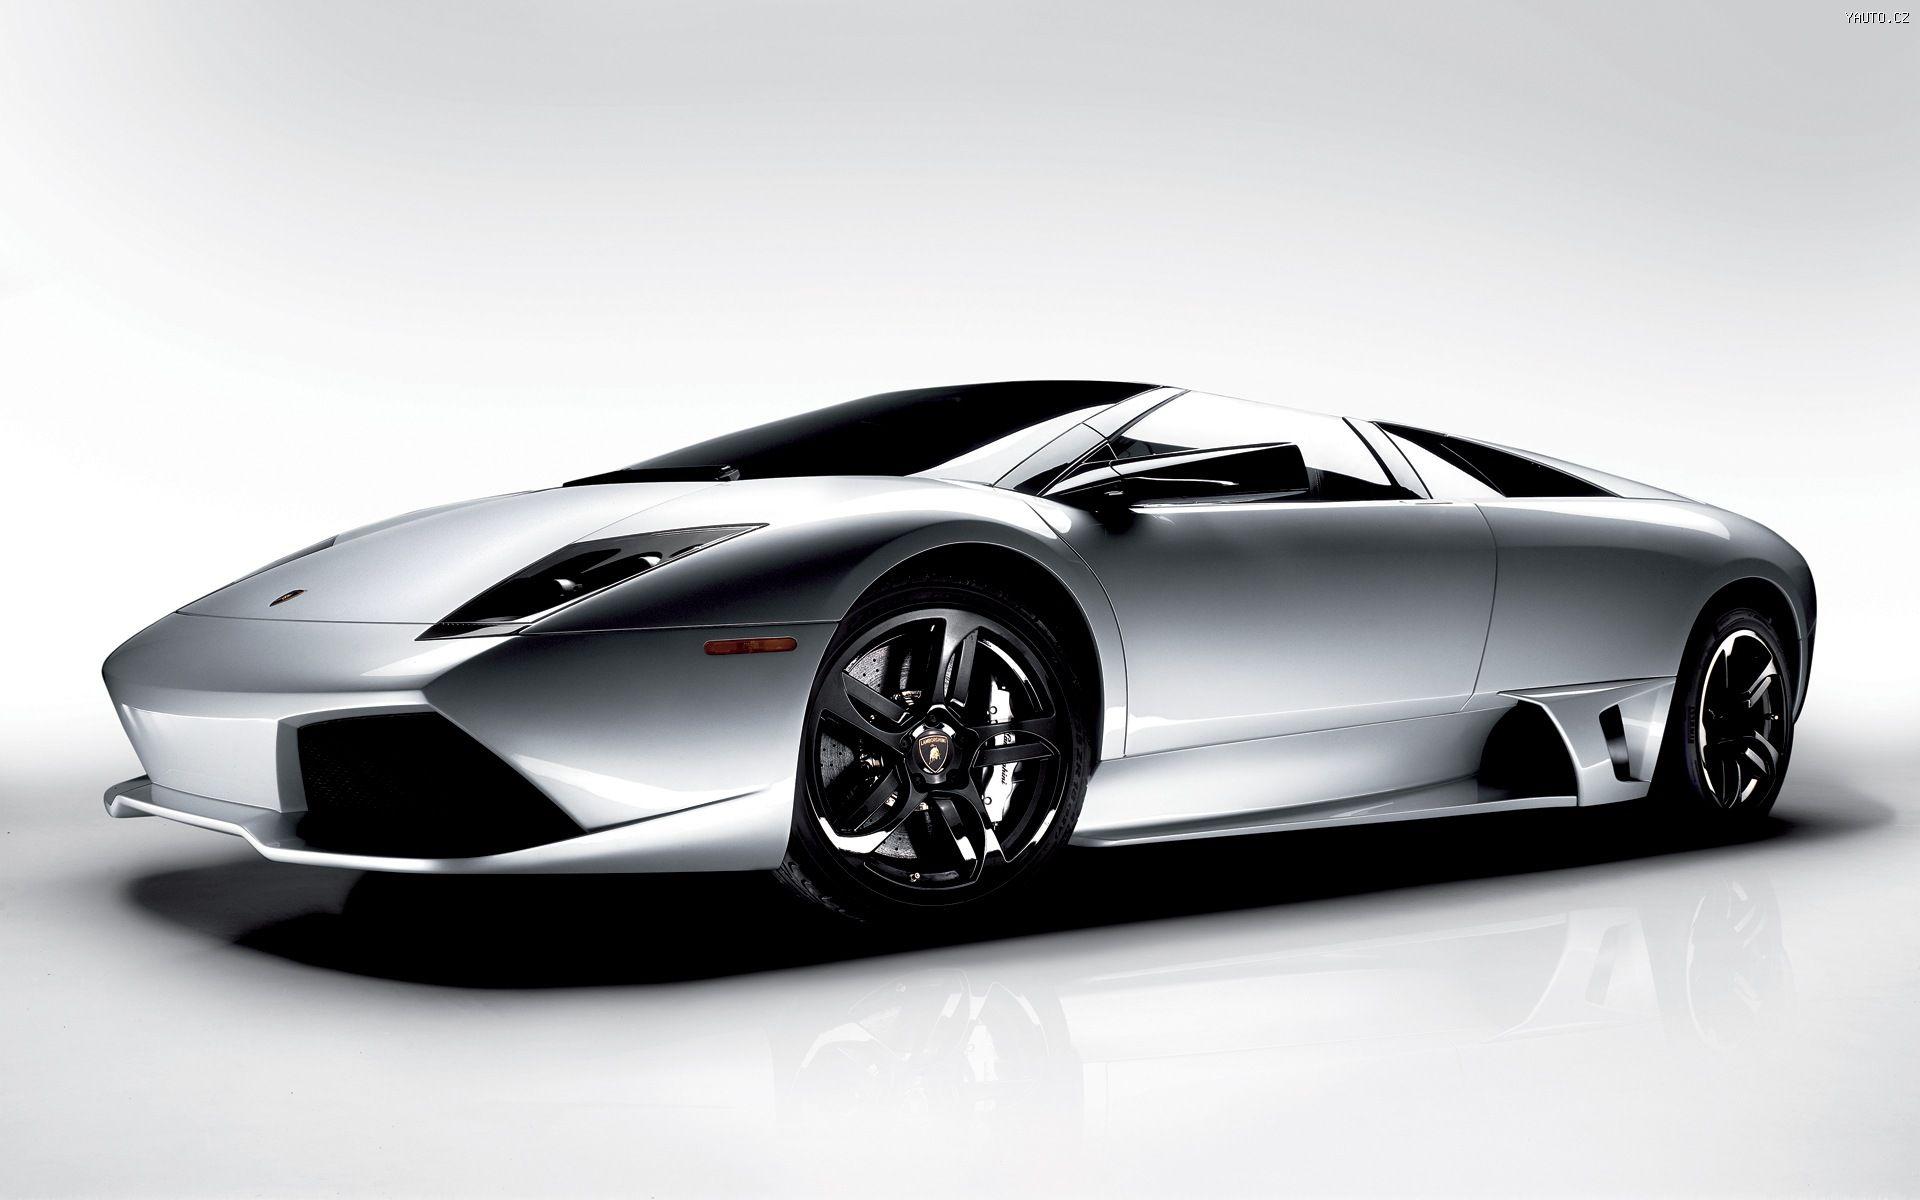 Lamborghini Murcielago LP640 Roadster Auta Na Plochu